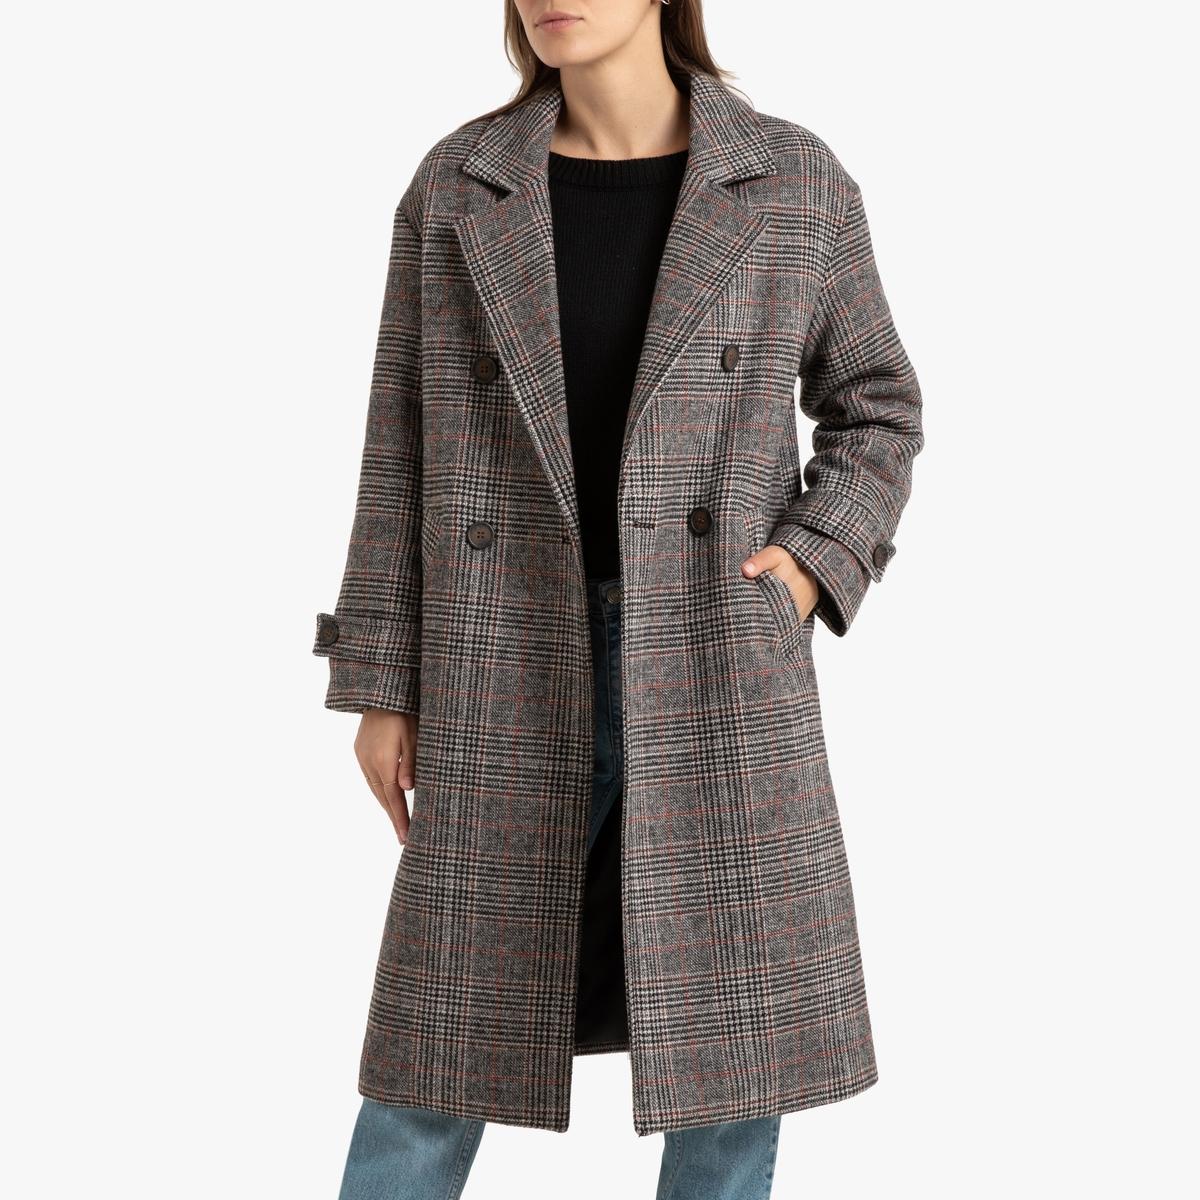 Пальто La Redoute В клетку 34 (FR) - 40 (RUS) каштановый пальто la redoute в клетку 34 fr 40 rus каштановый